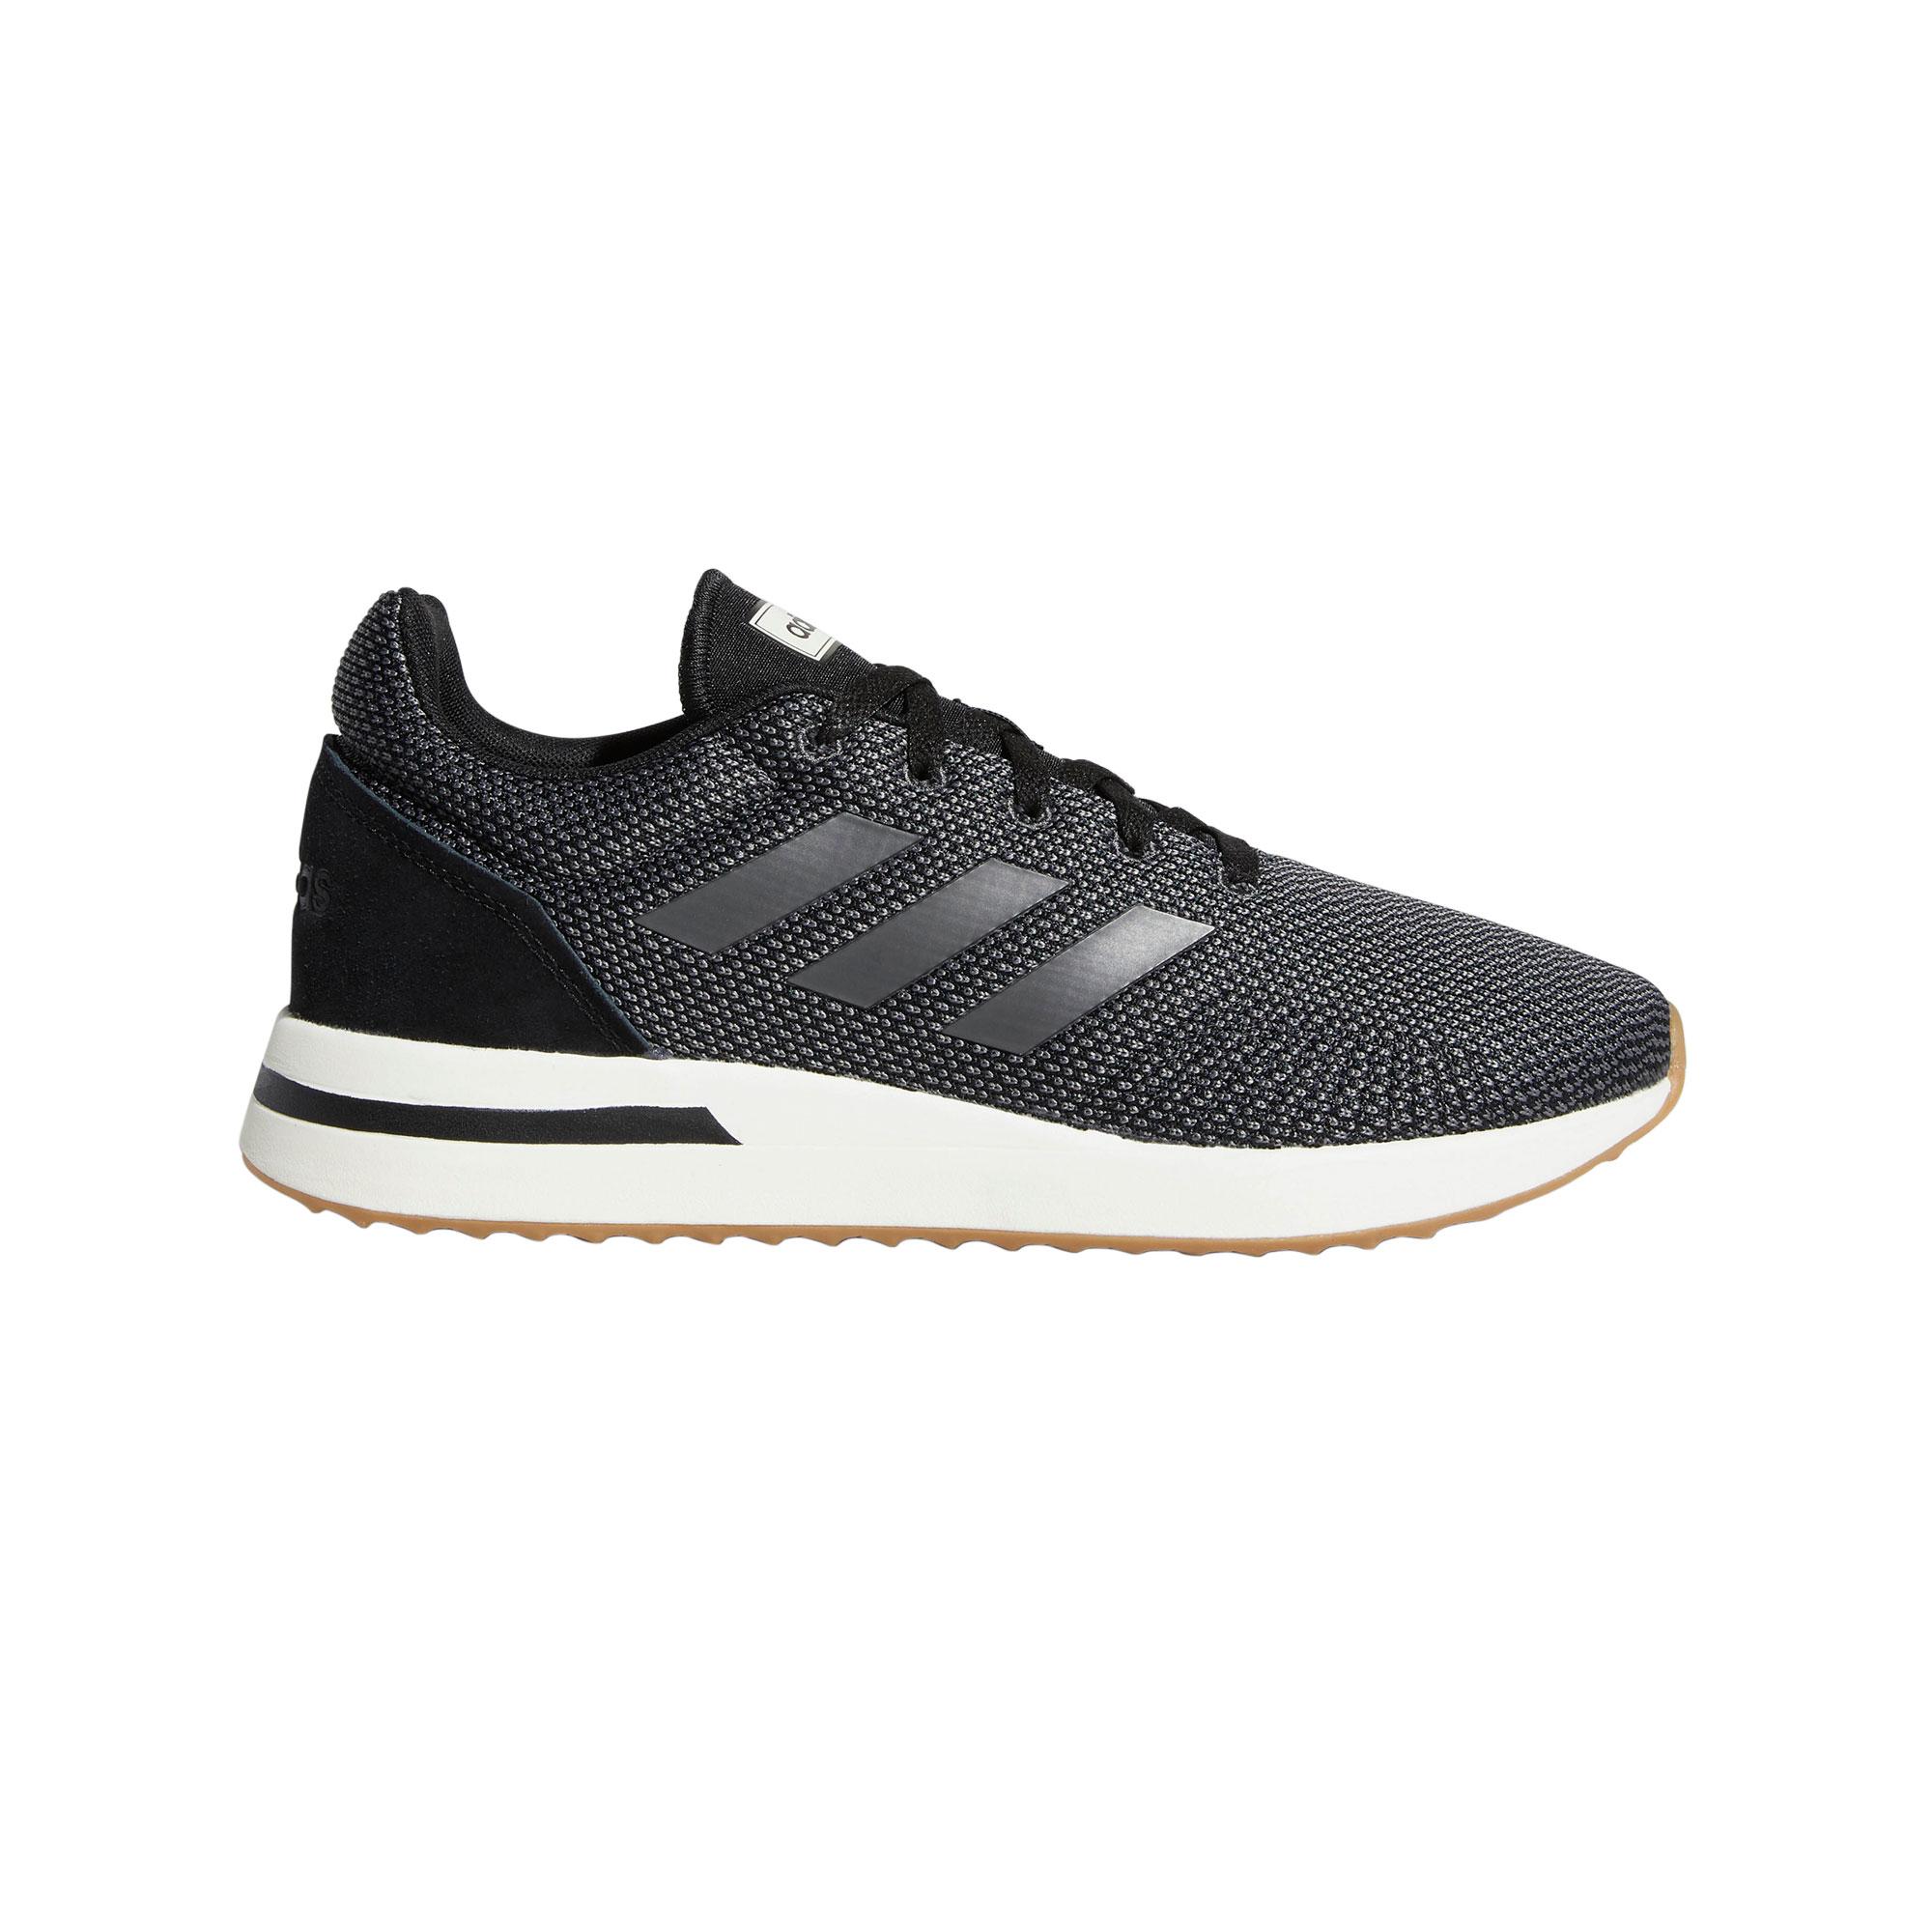 Afbeelding van Adidas Run 70S B96558 Vrijetijdsschoenen Heren Core Black Grey Five Carbon